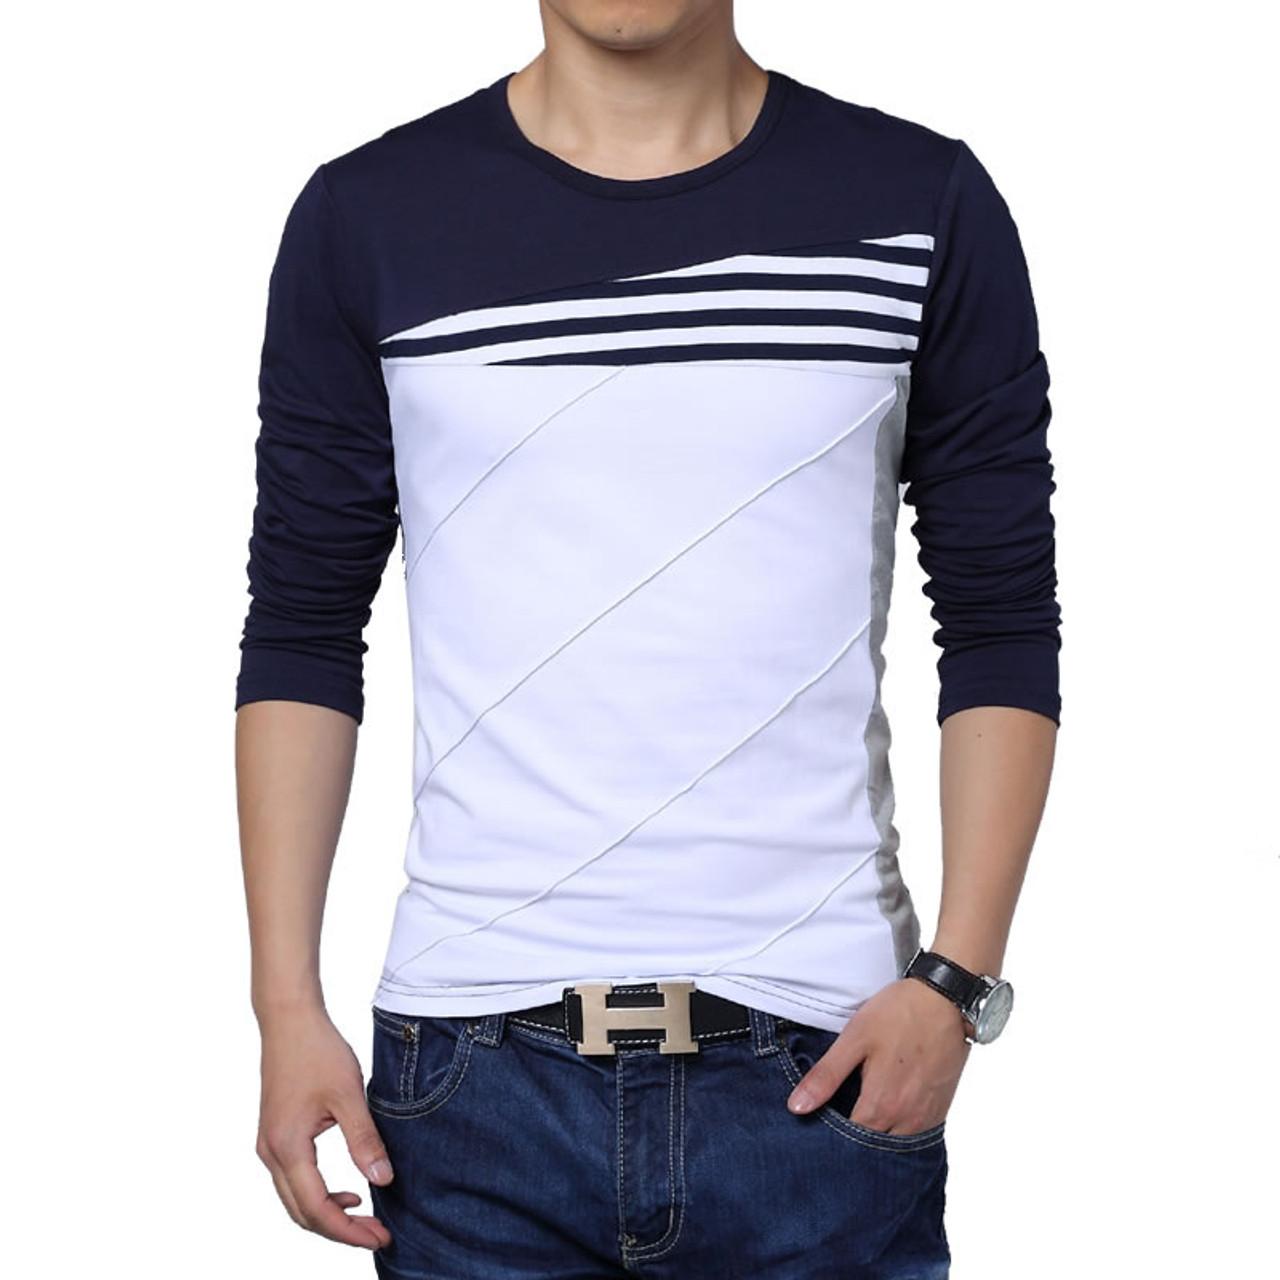 T shirt men 2018 winter new long sleeve o neck t shirt men for Men s t shirt top brands